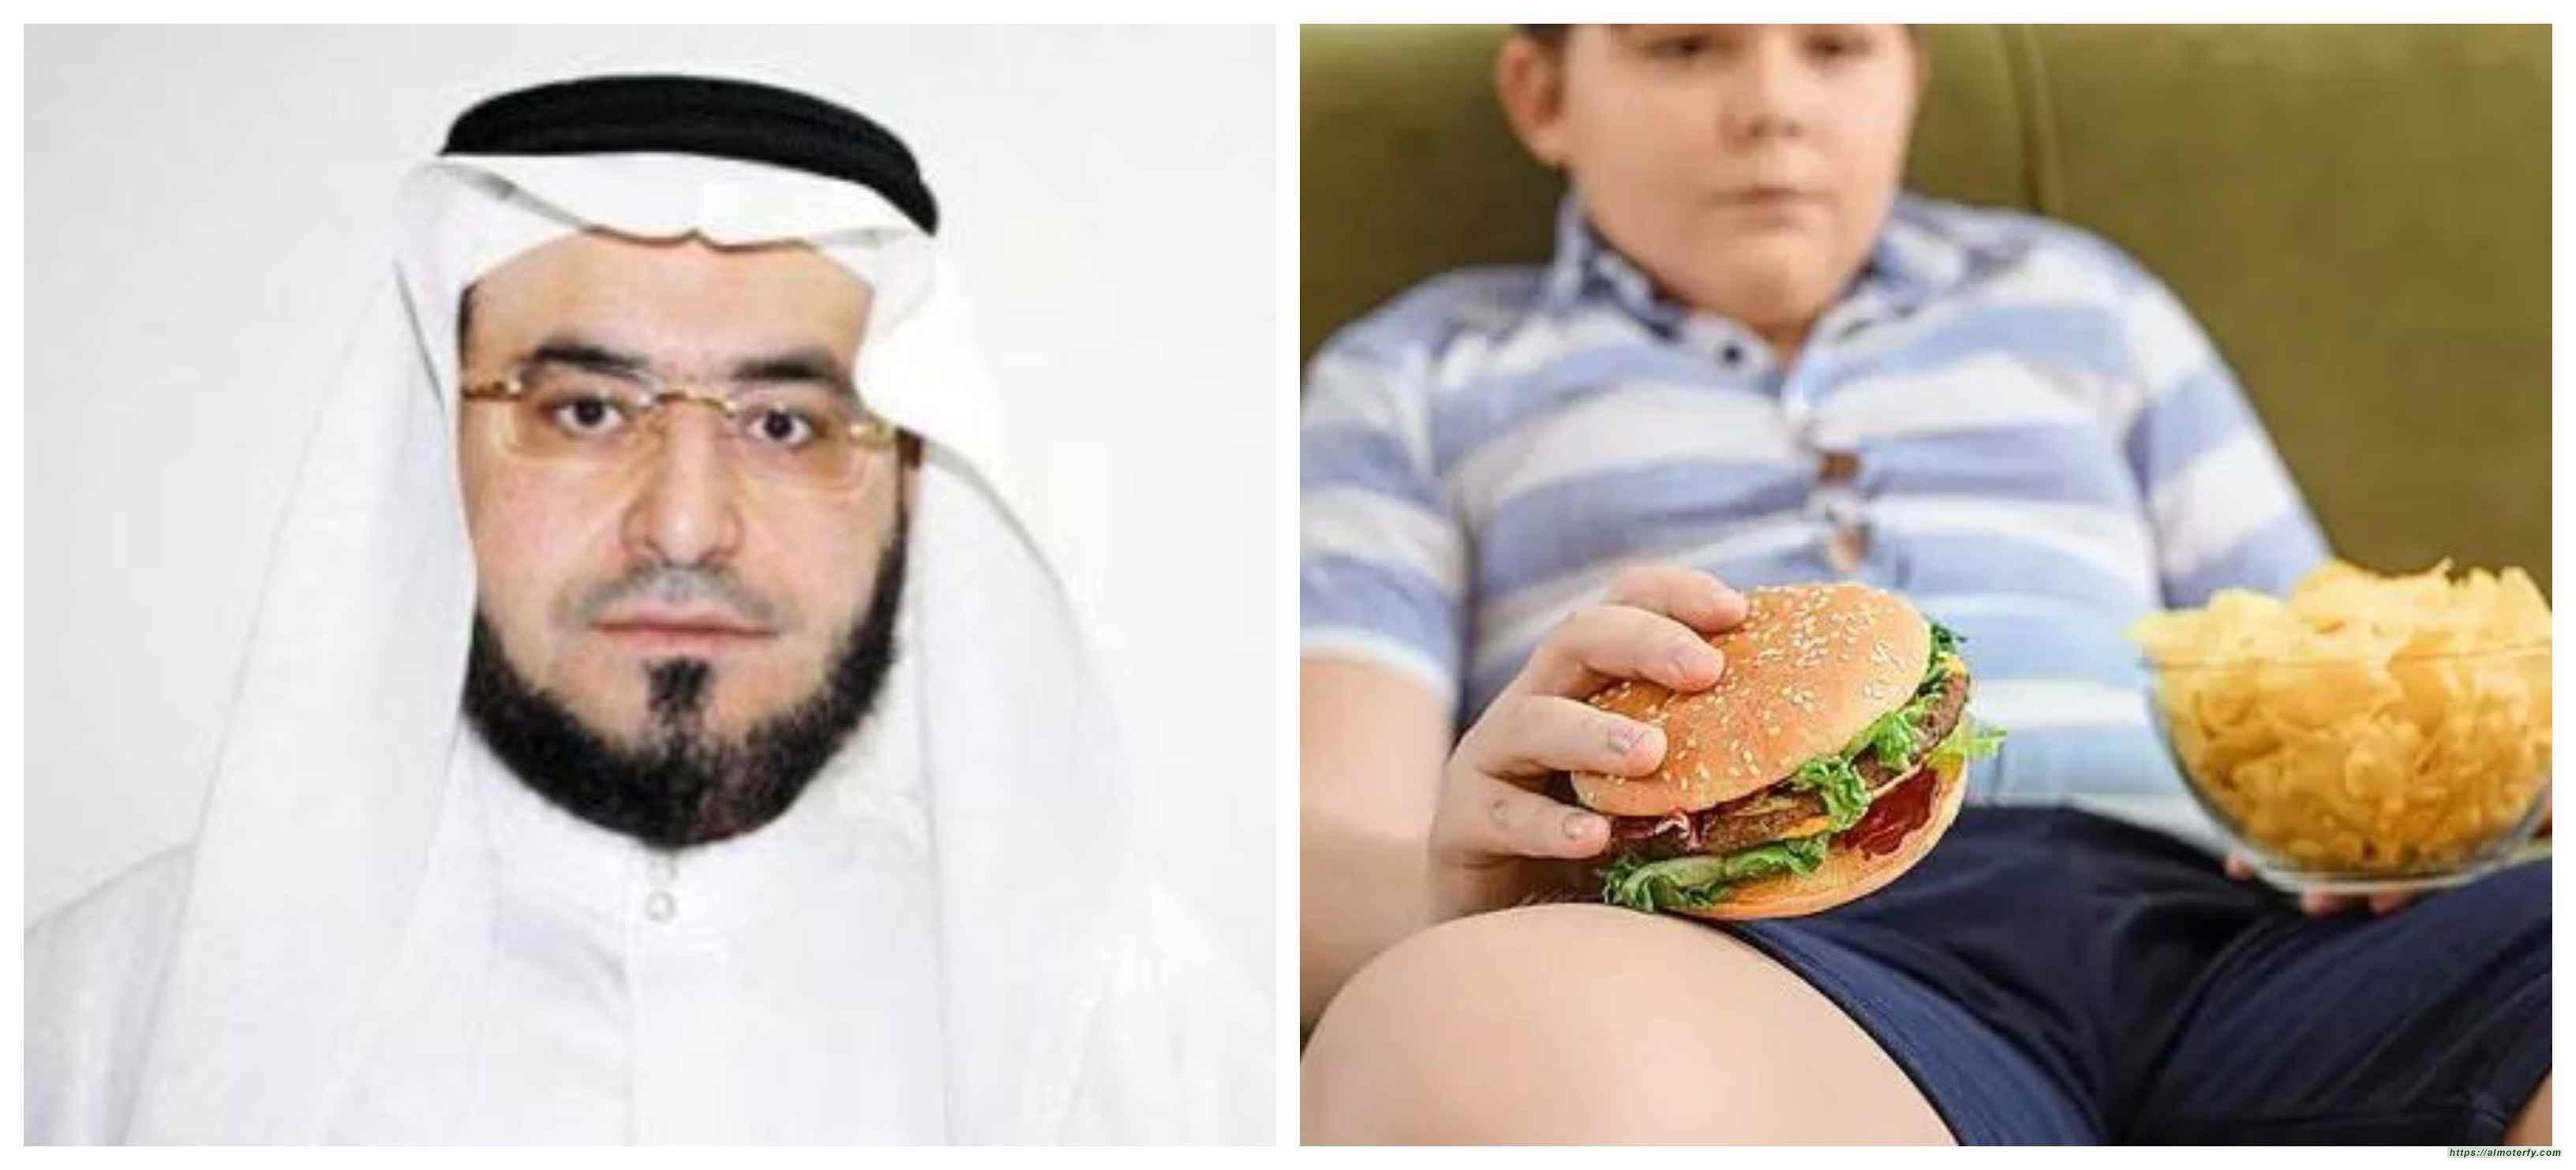 استشاري : نمط الحياة الصحي يجنب الأطفال السمنة والسكري والانعكاسات النفسية